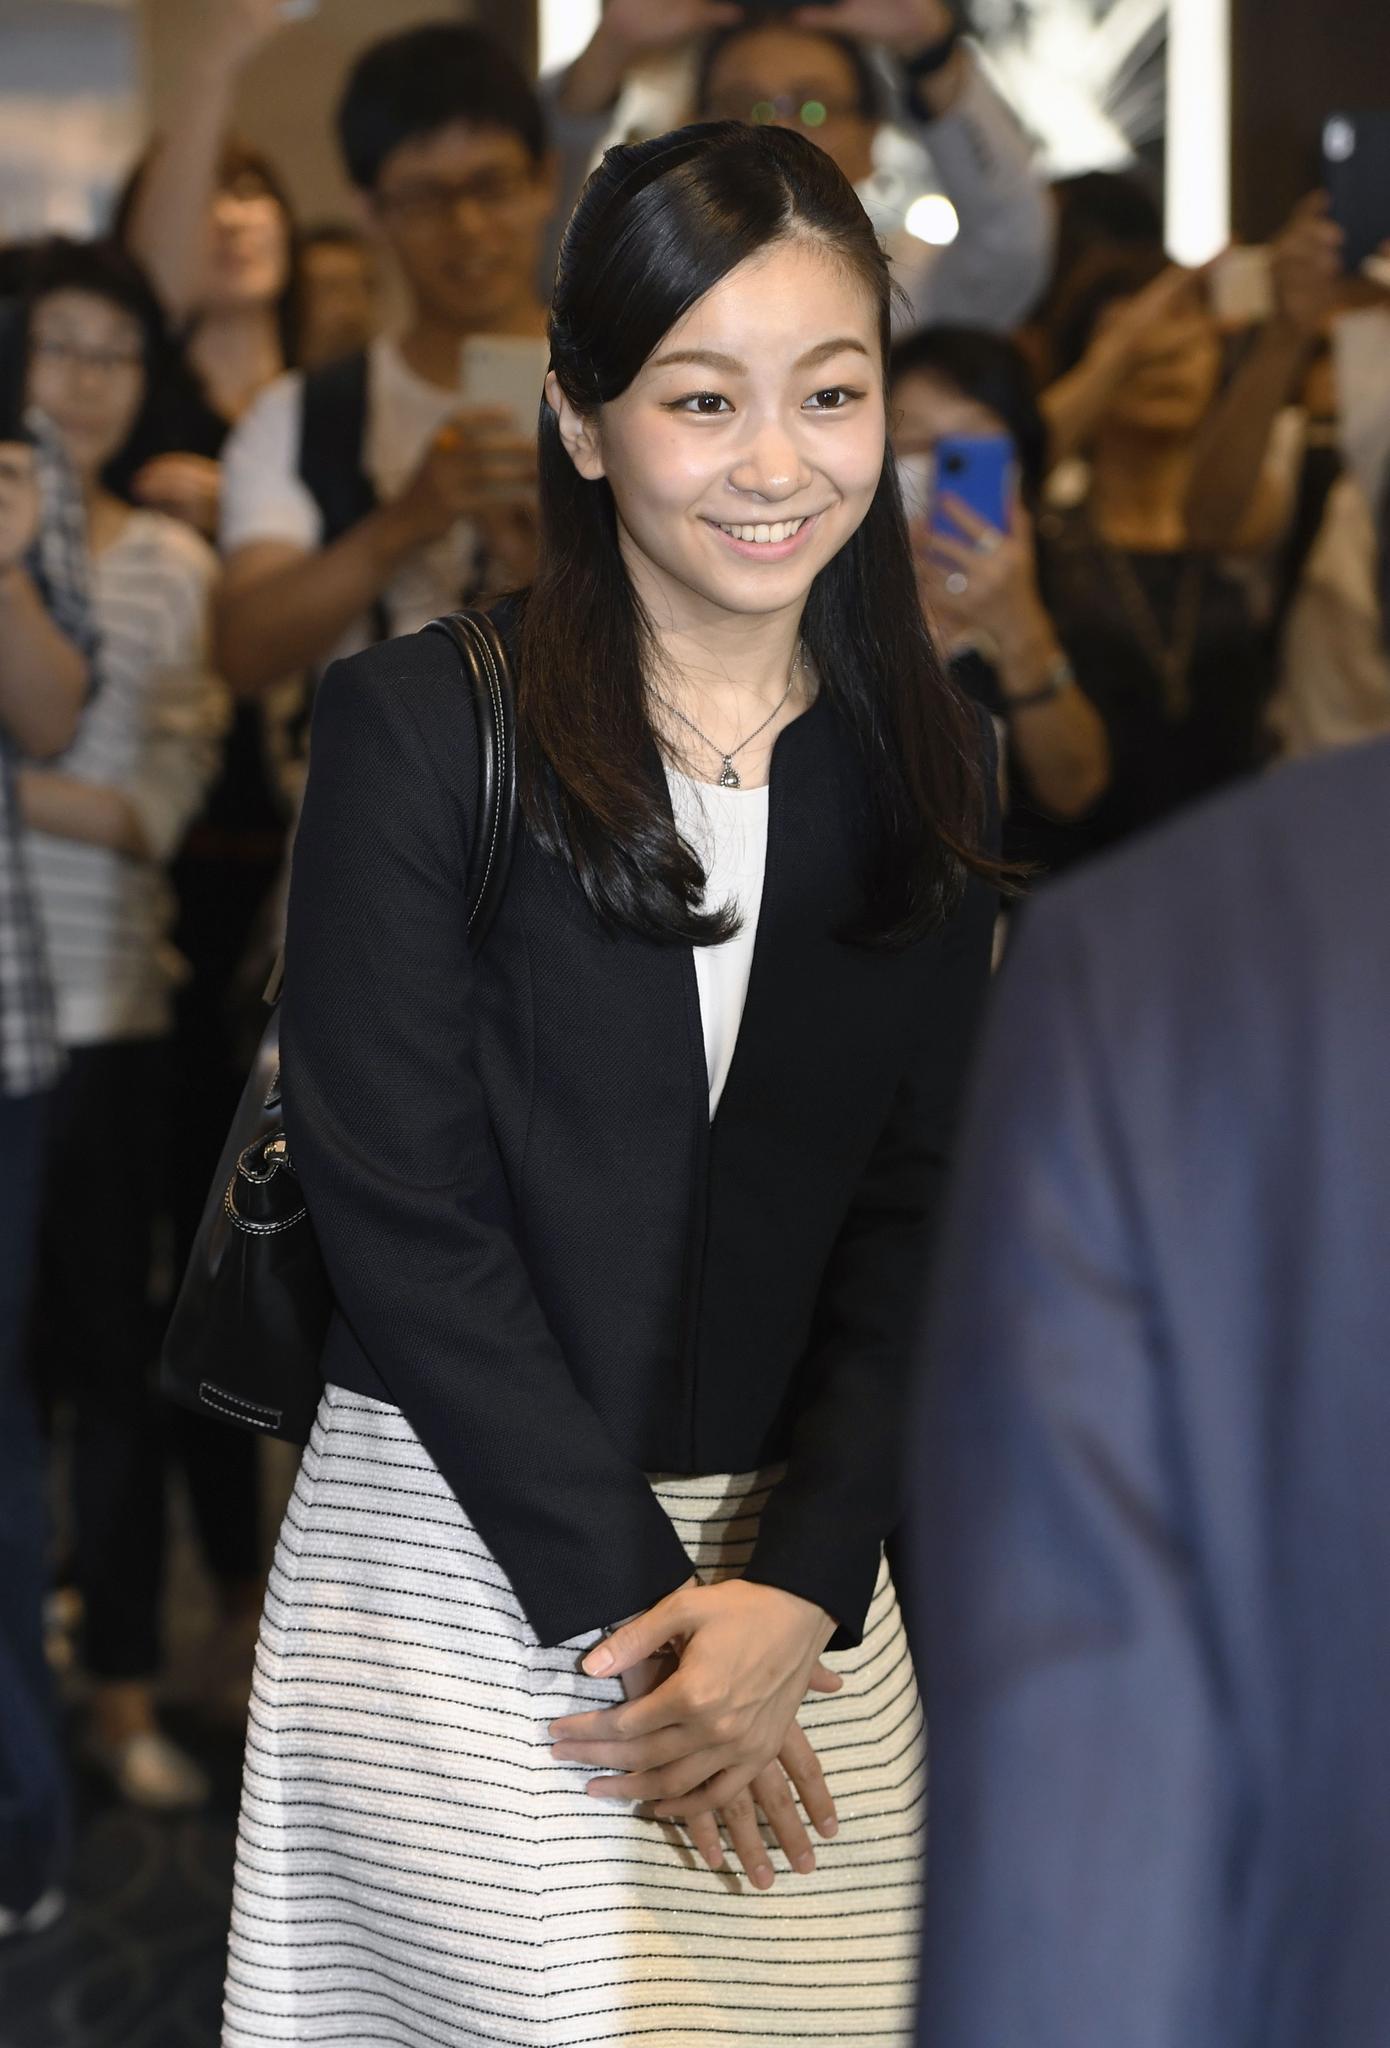 Prinzessin Kako bei ihrer Abreise aus Japan am 12. September 2017. Künftig wird sie in England studieren